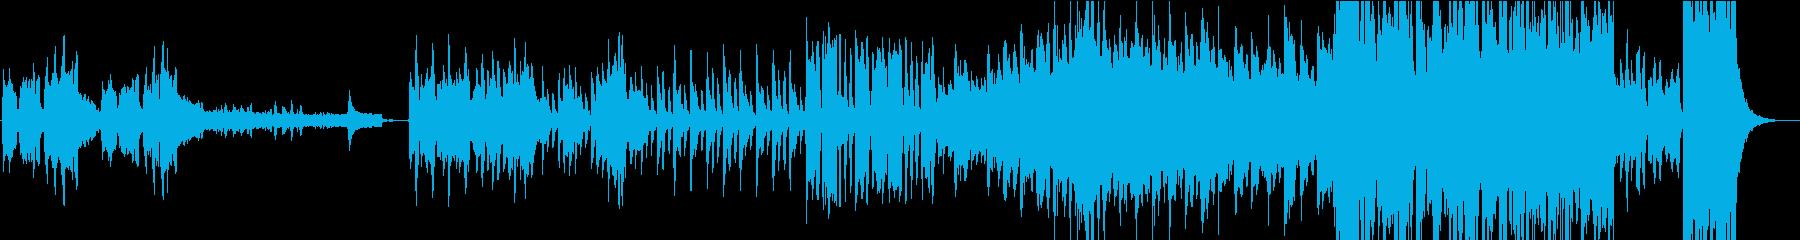 不思議なワルツの再生済みの波形